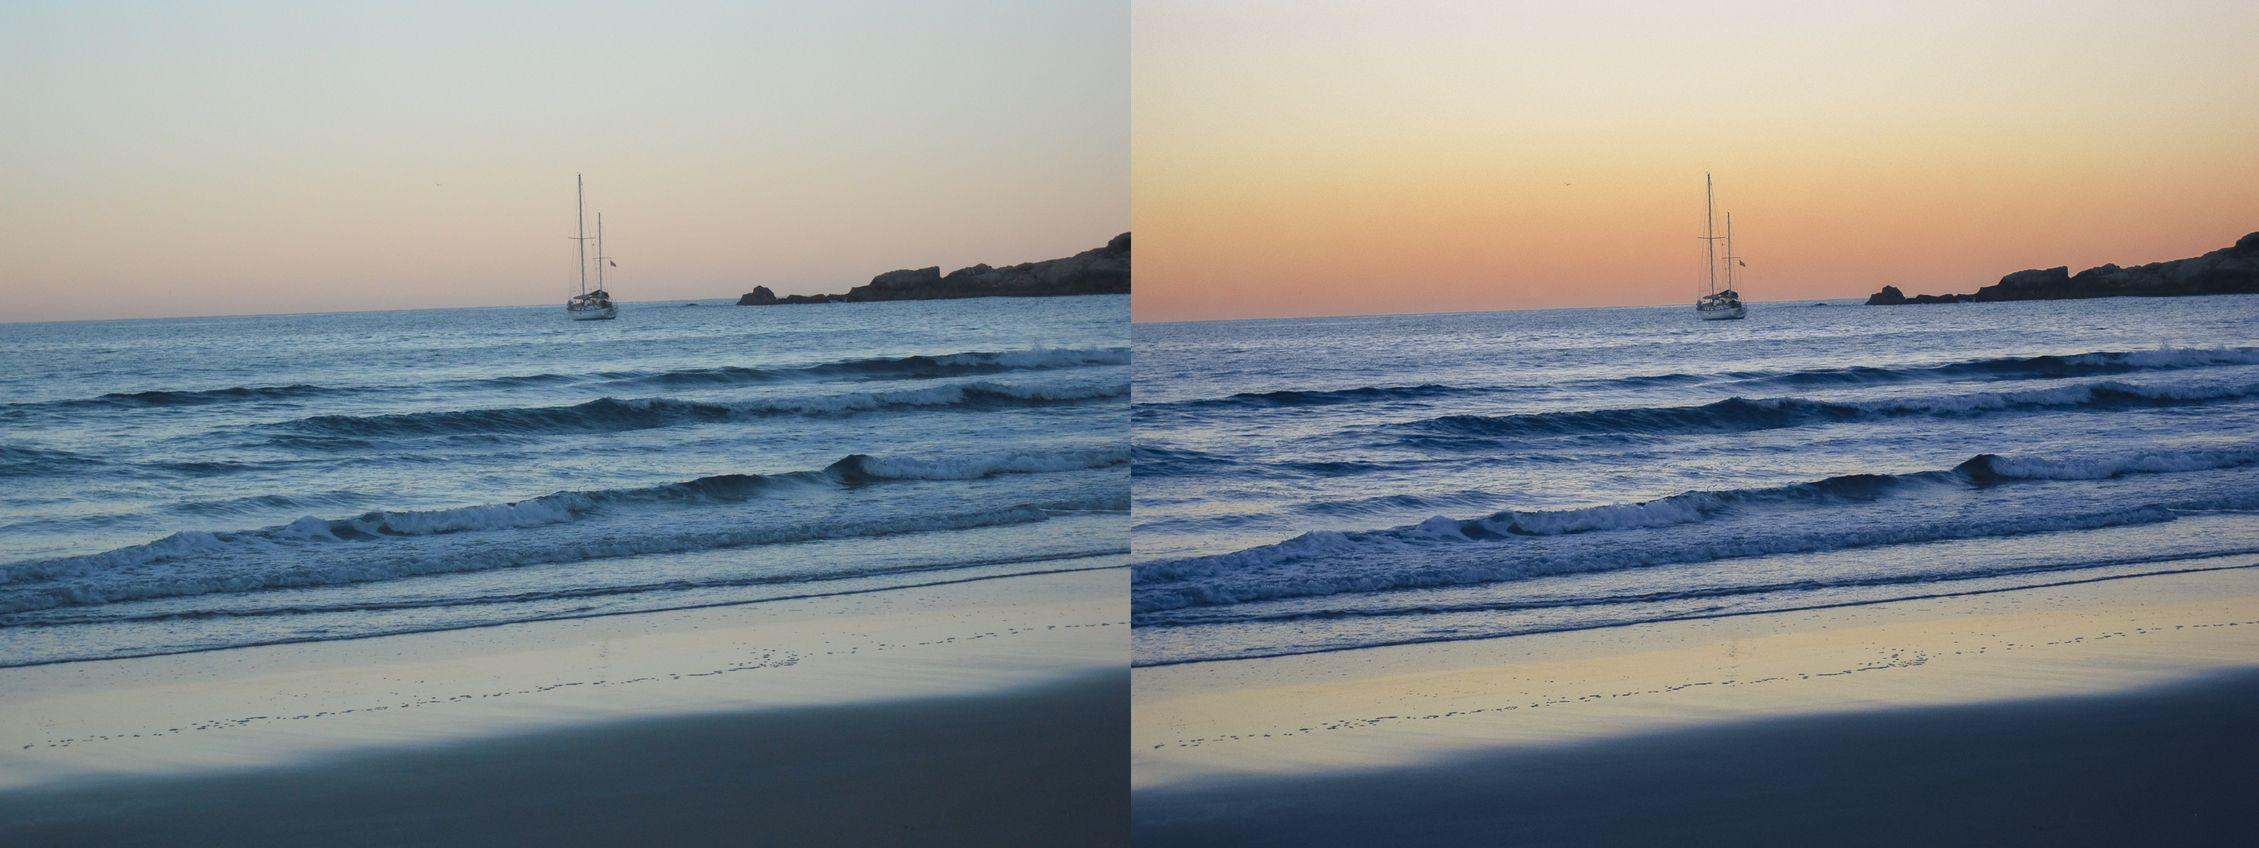 Antes e depois do tratamento de sombras, exposição e contraste